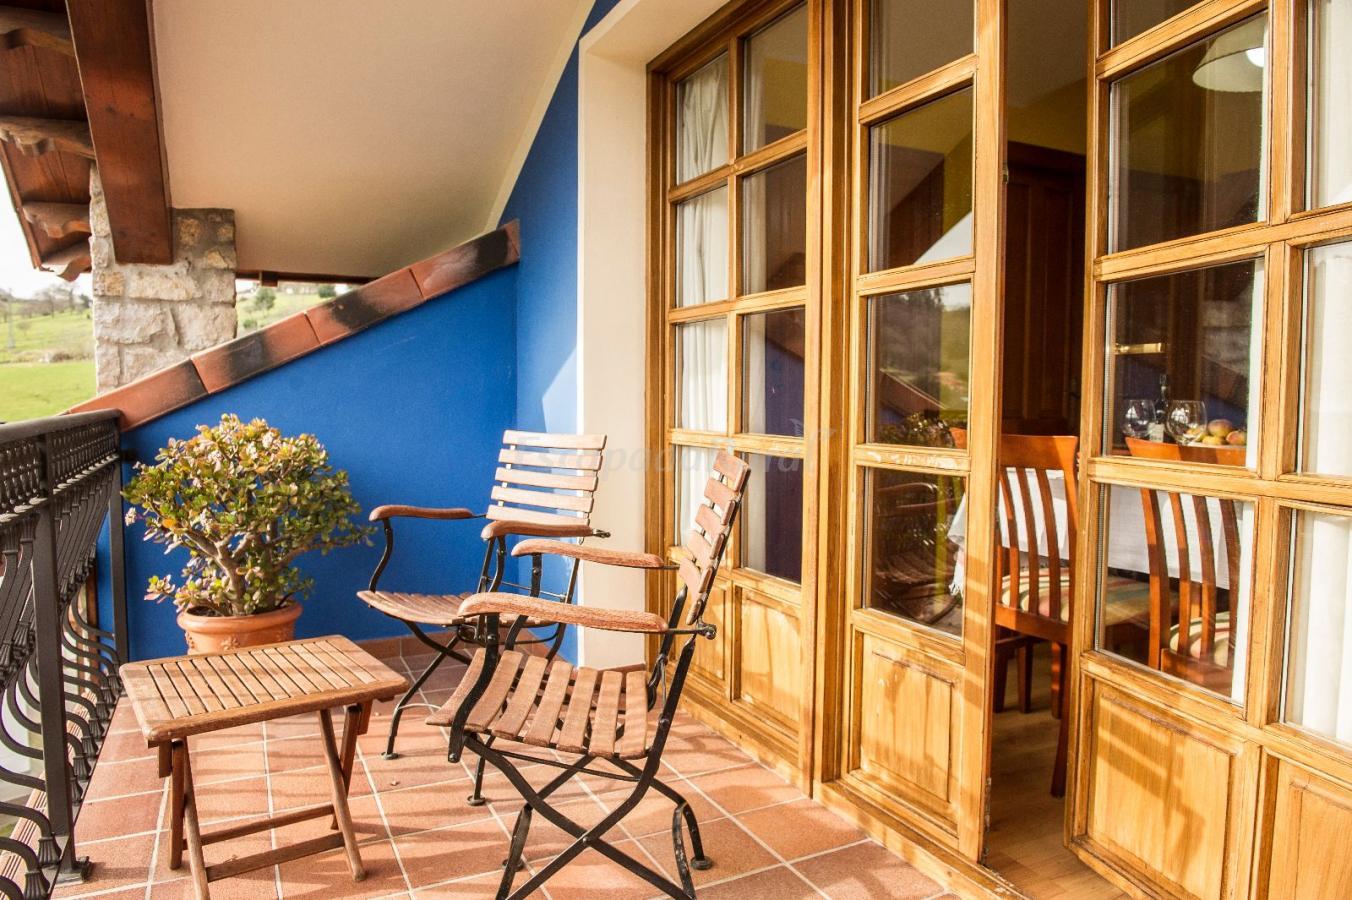 Fotos de apartamentos rurales el corberu casa rural en ribadesella asturias - Apartamentos baratos asturias ...